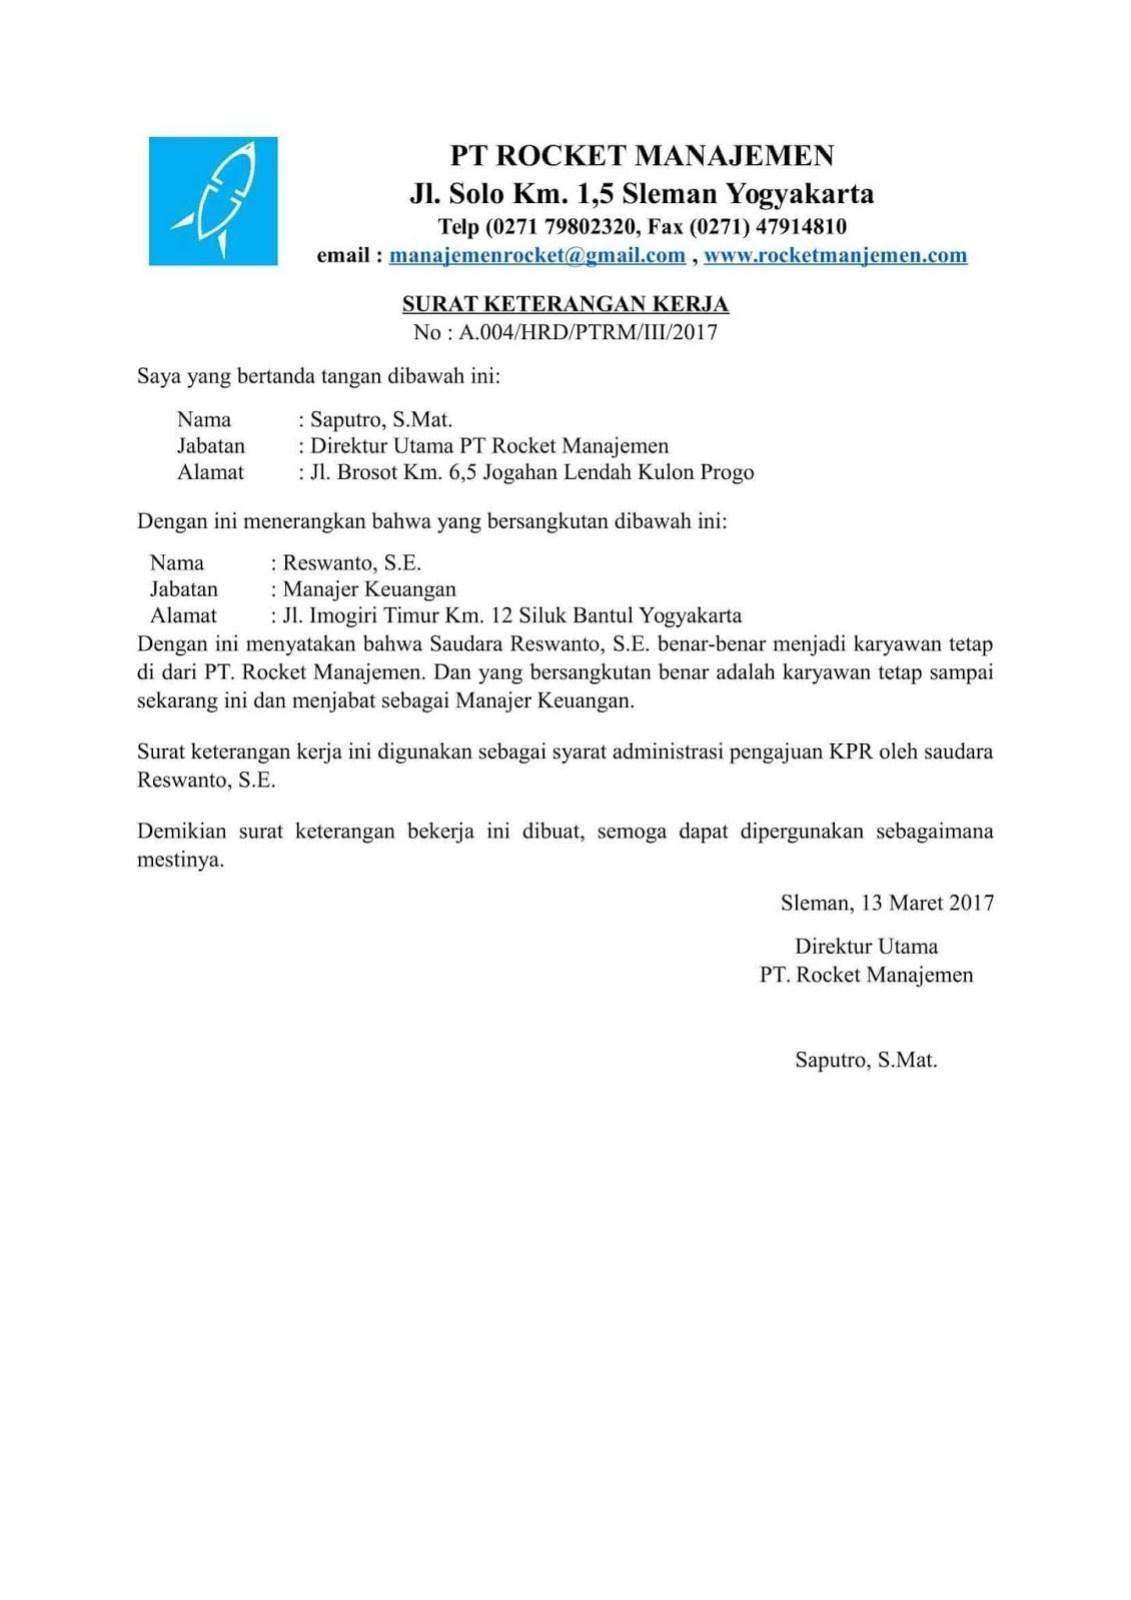 Contoh Surat Pernyataan Bahwa Karyawan Tidak Bekerja Lagi ...